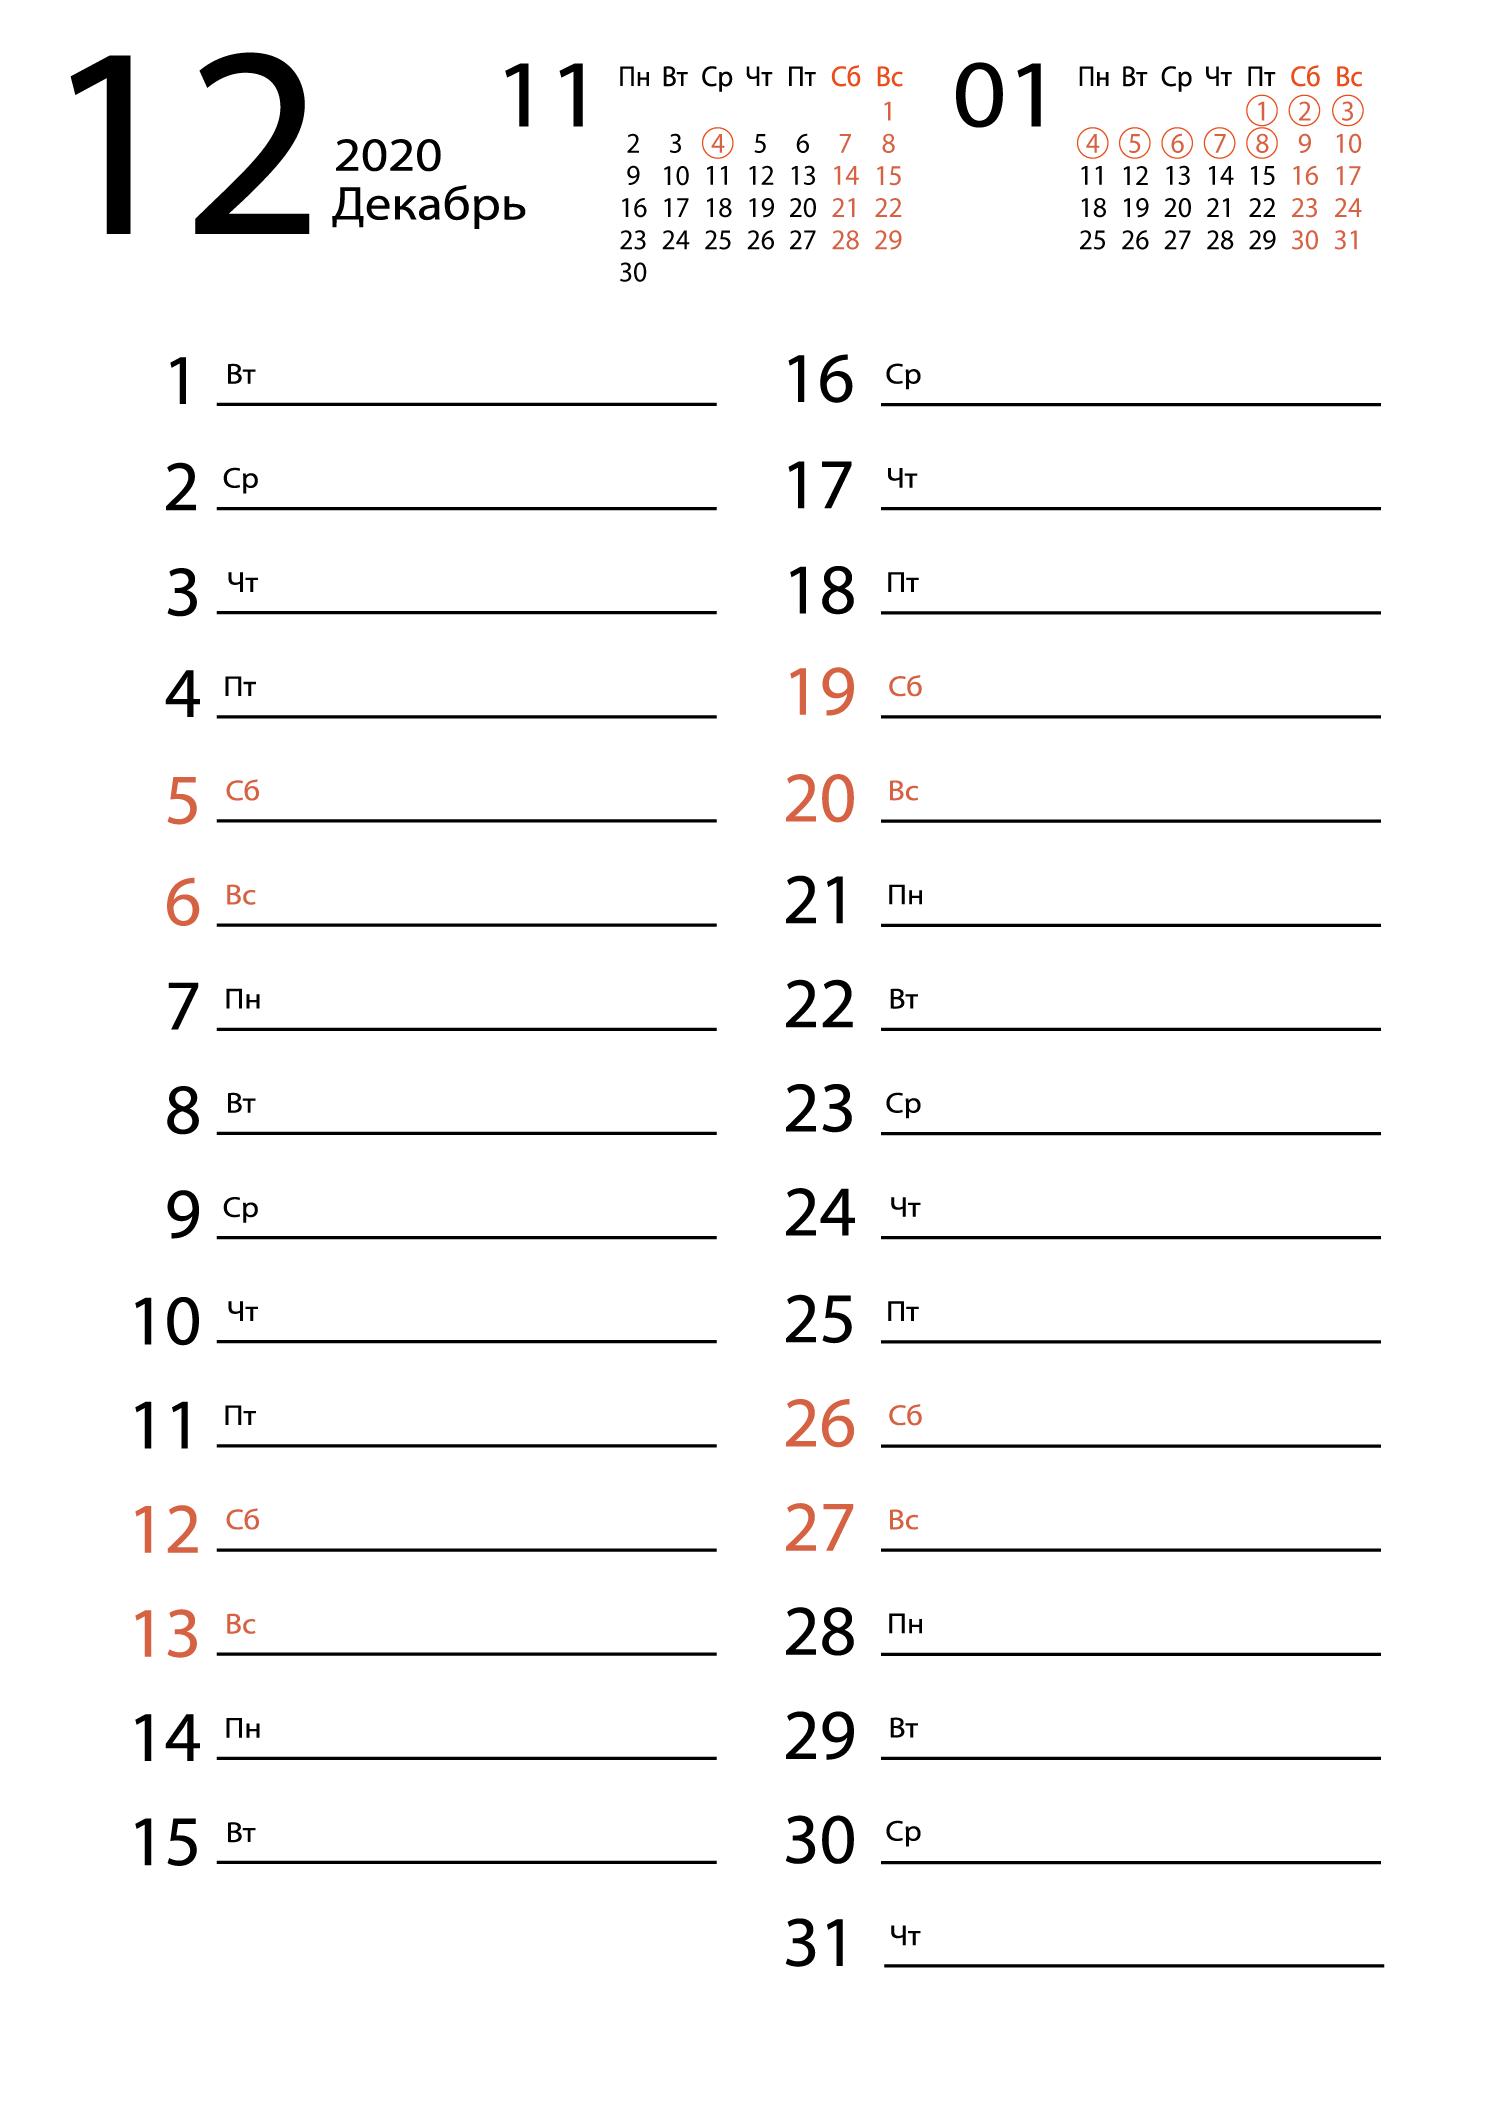 Печать календаря на декабрь 2020 для заметок